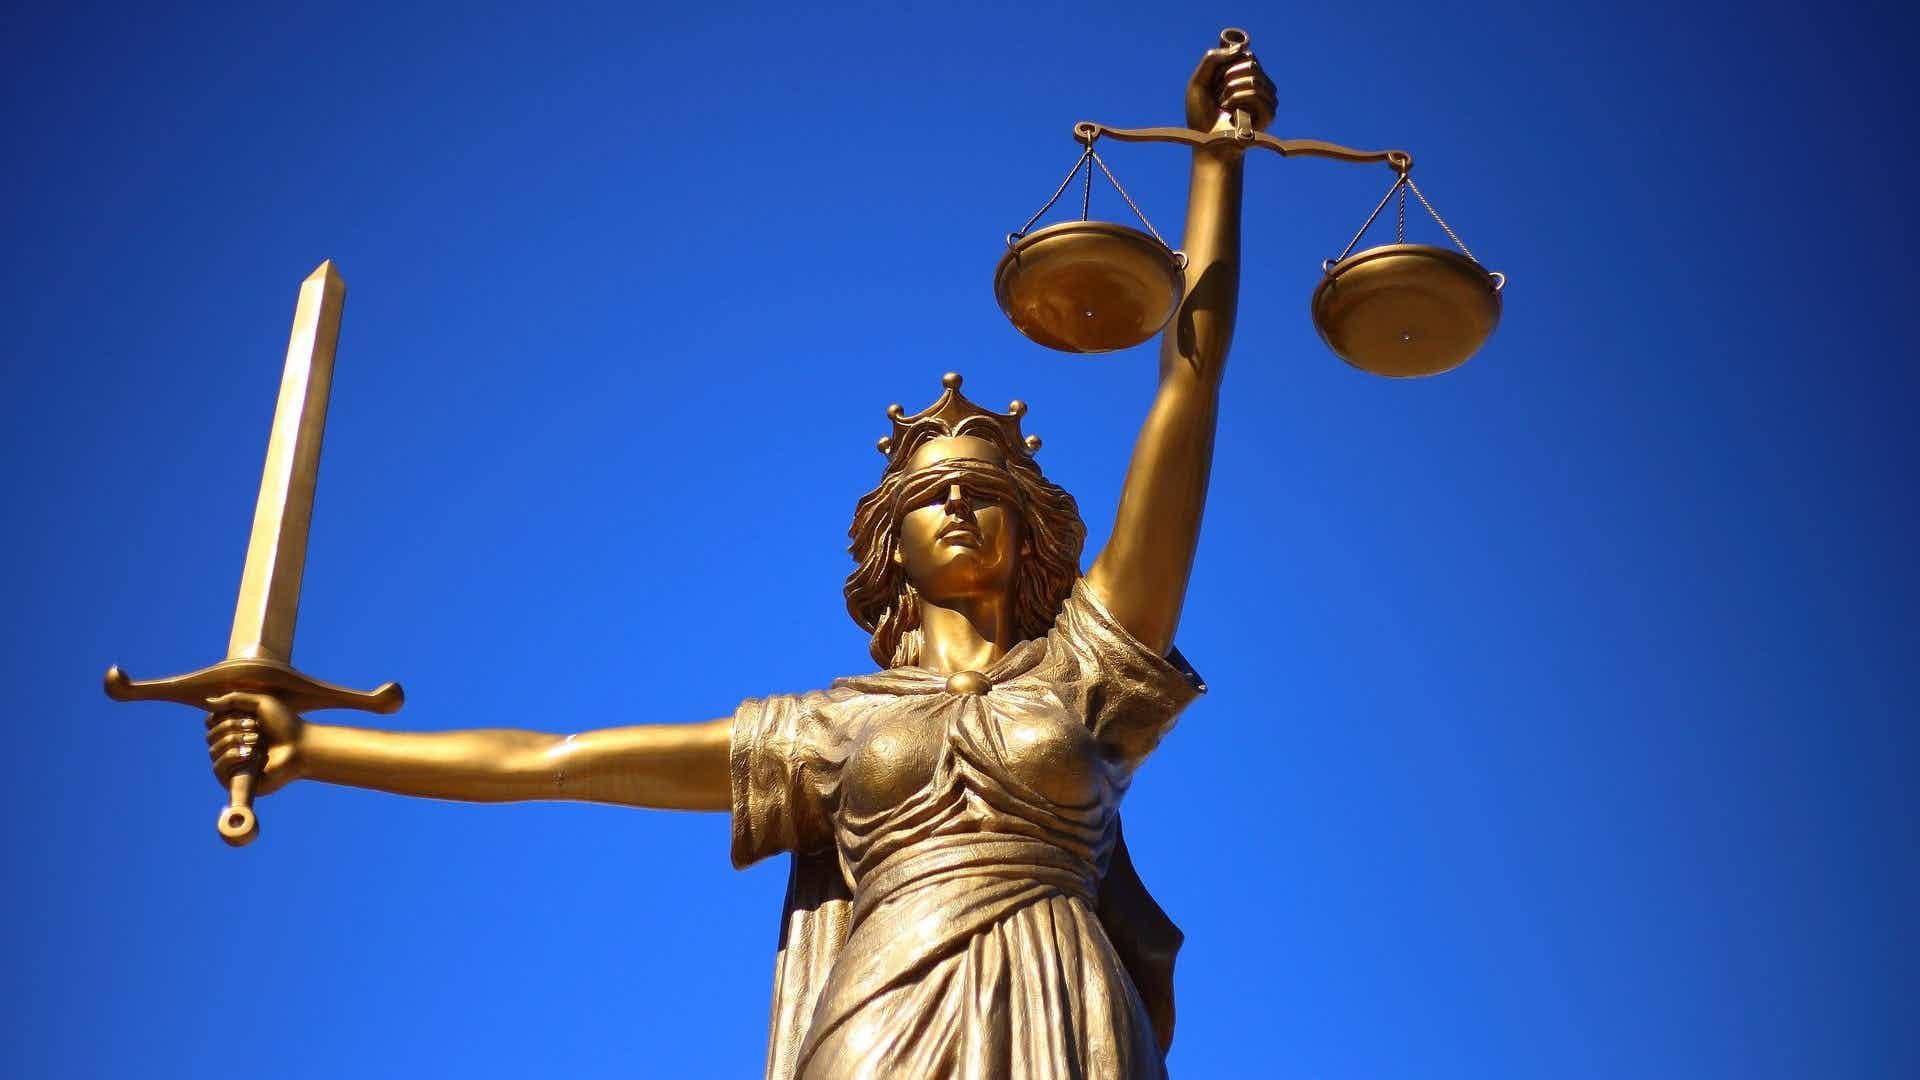 strafrechters strafrecht advocaat